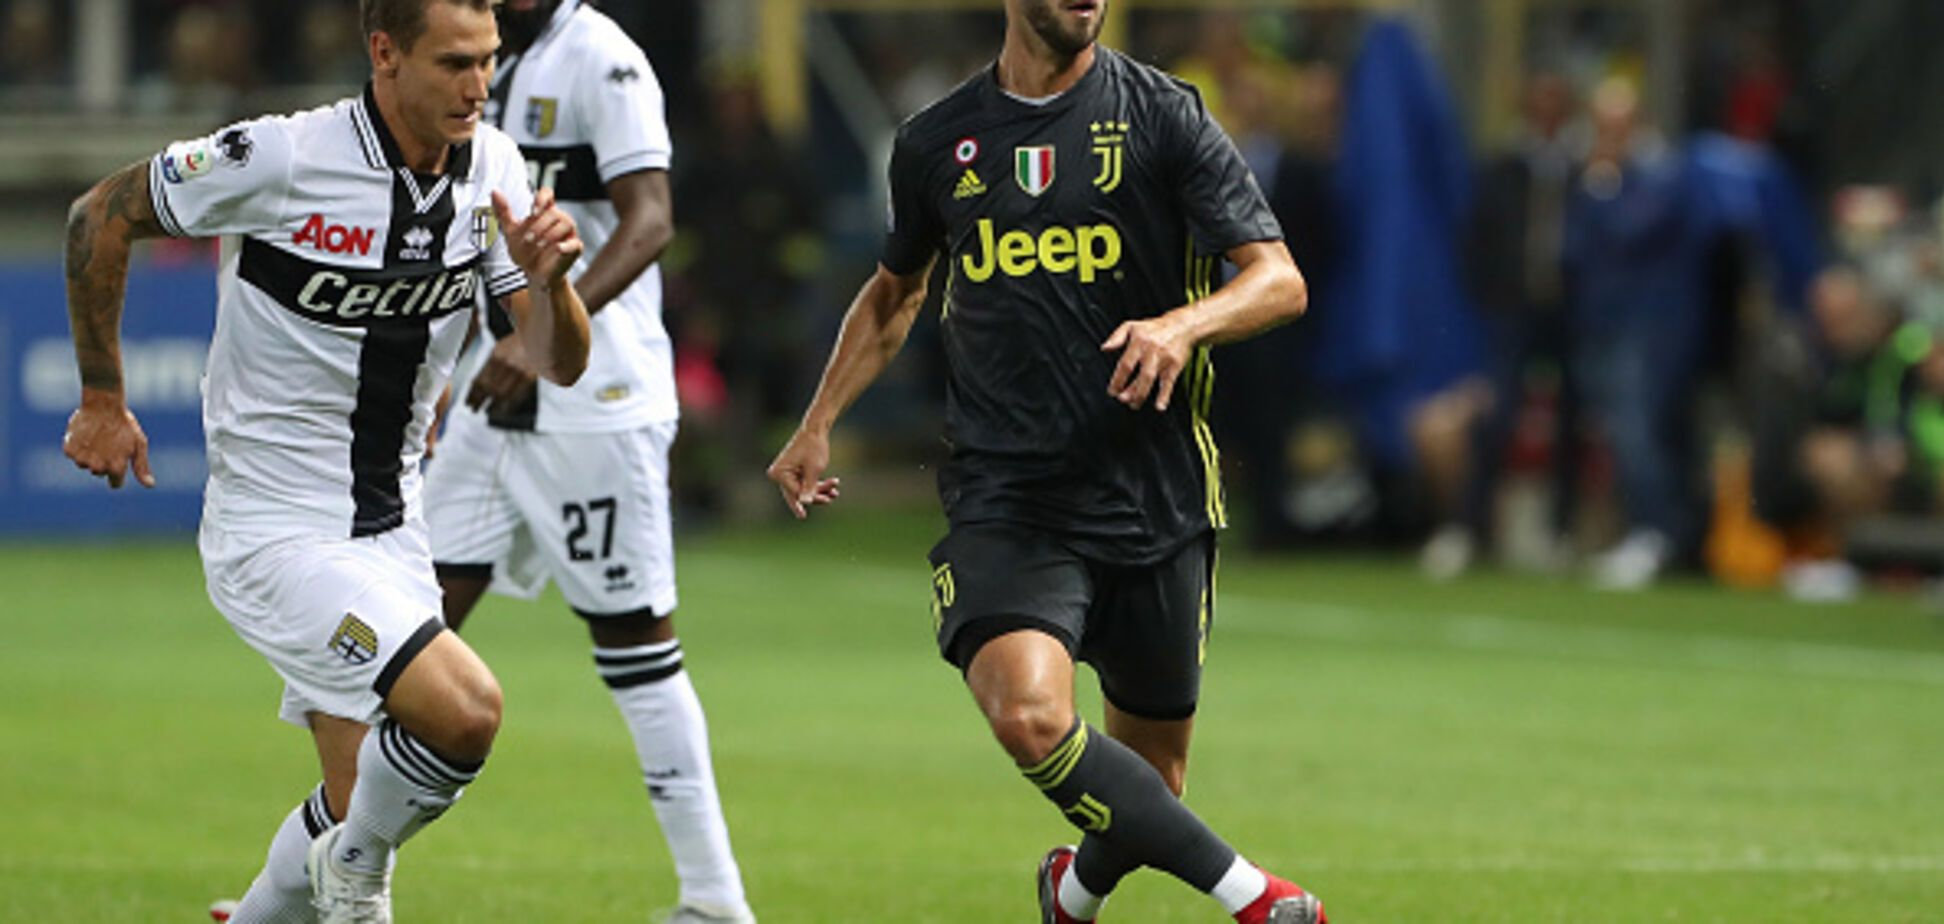 'Ювентус' насилу розправився з зухвалим новачком чемпіонату Італії